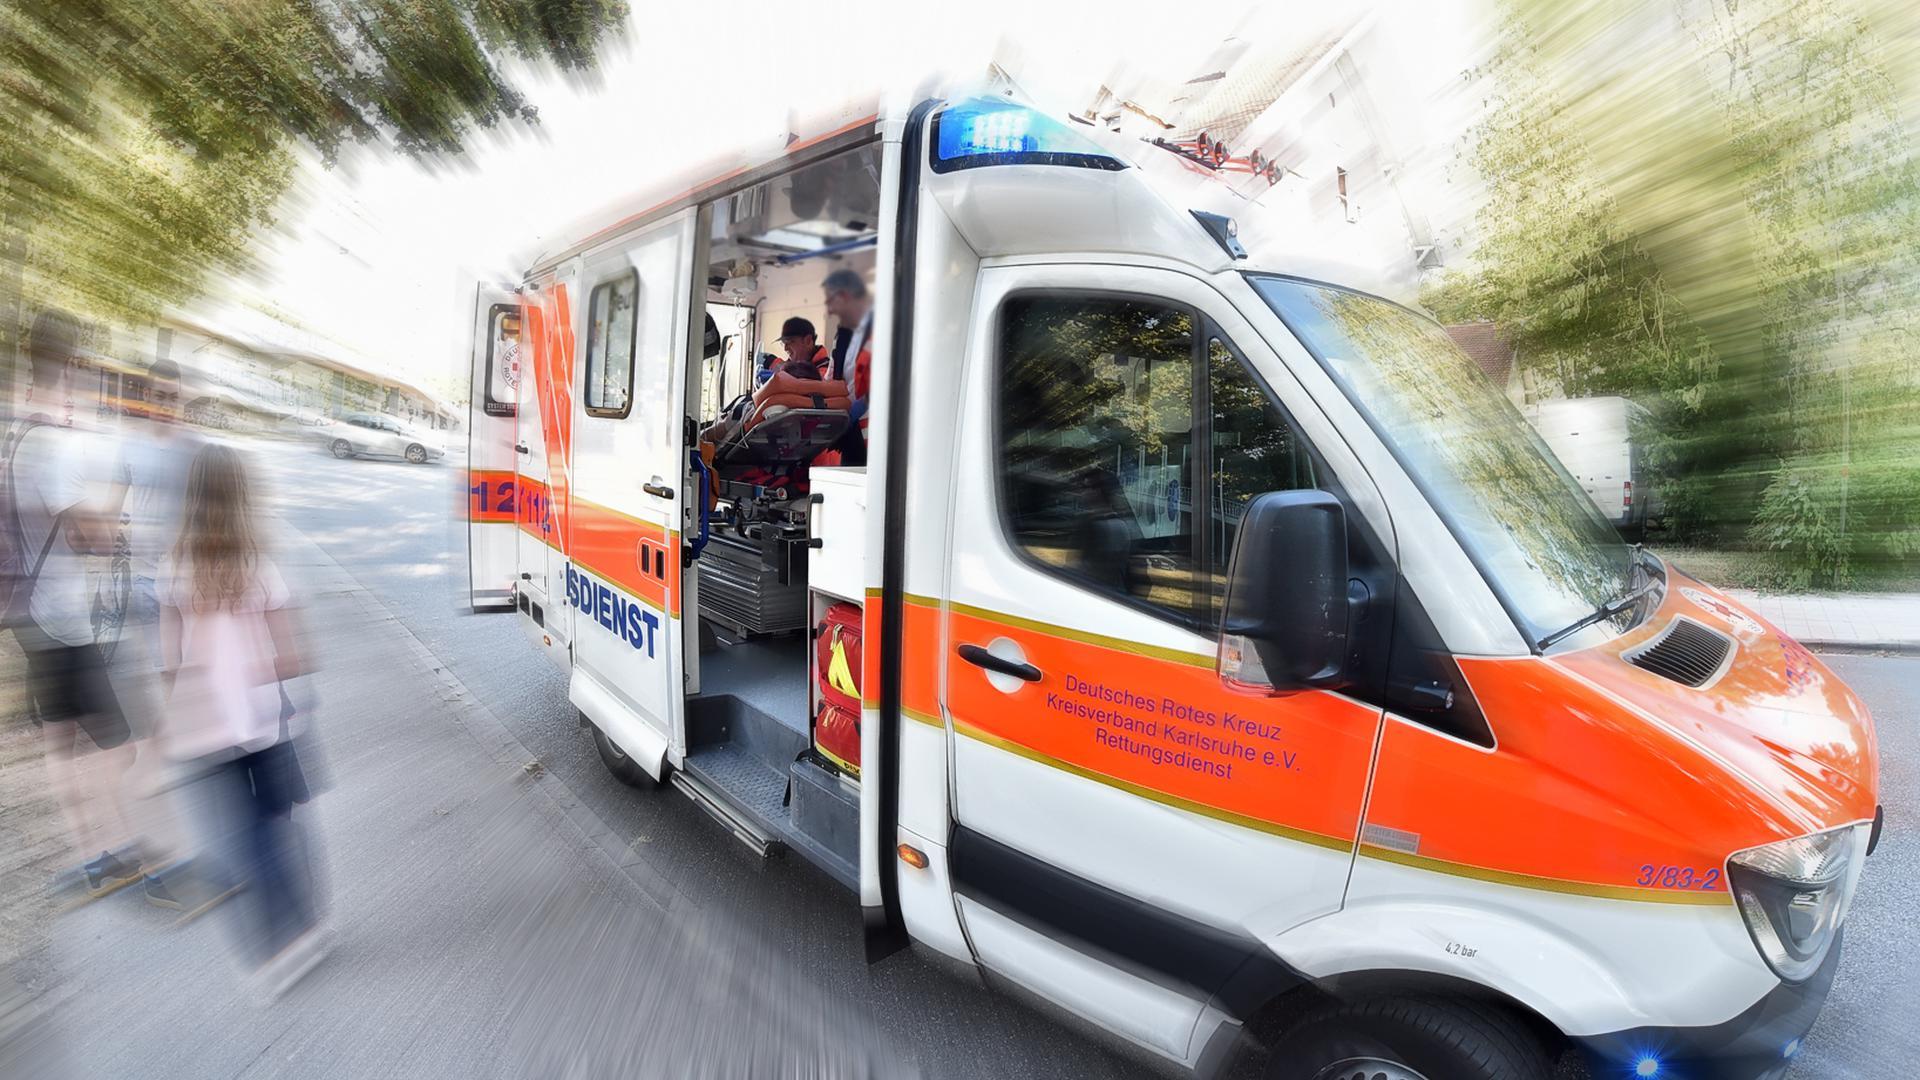 Während der Behandlung eines Patienten in einem Krankenwagen versammeln sich mehrere schaulustige Jugendliche davor